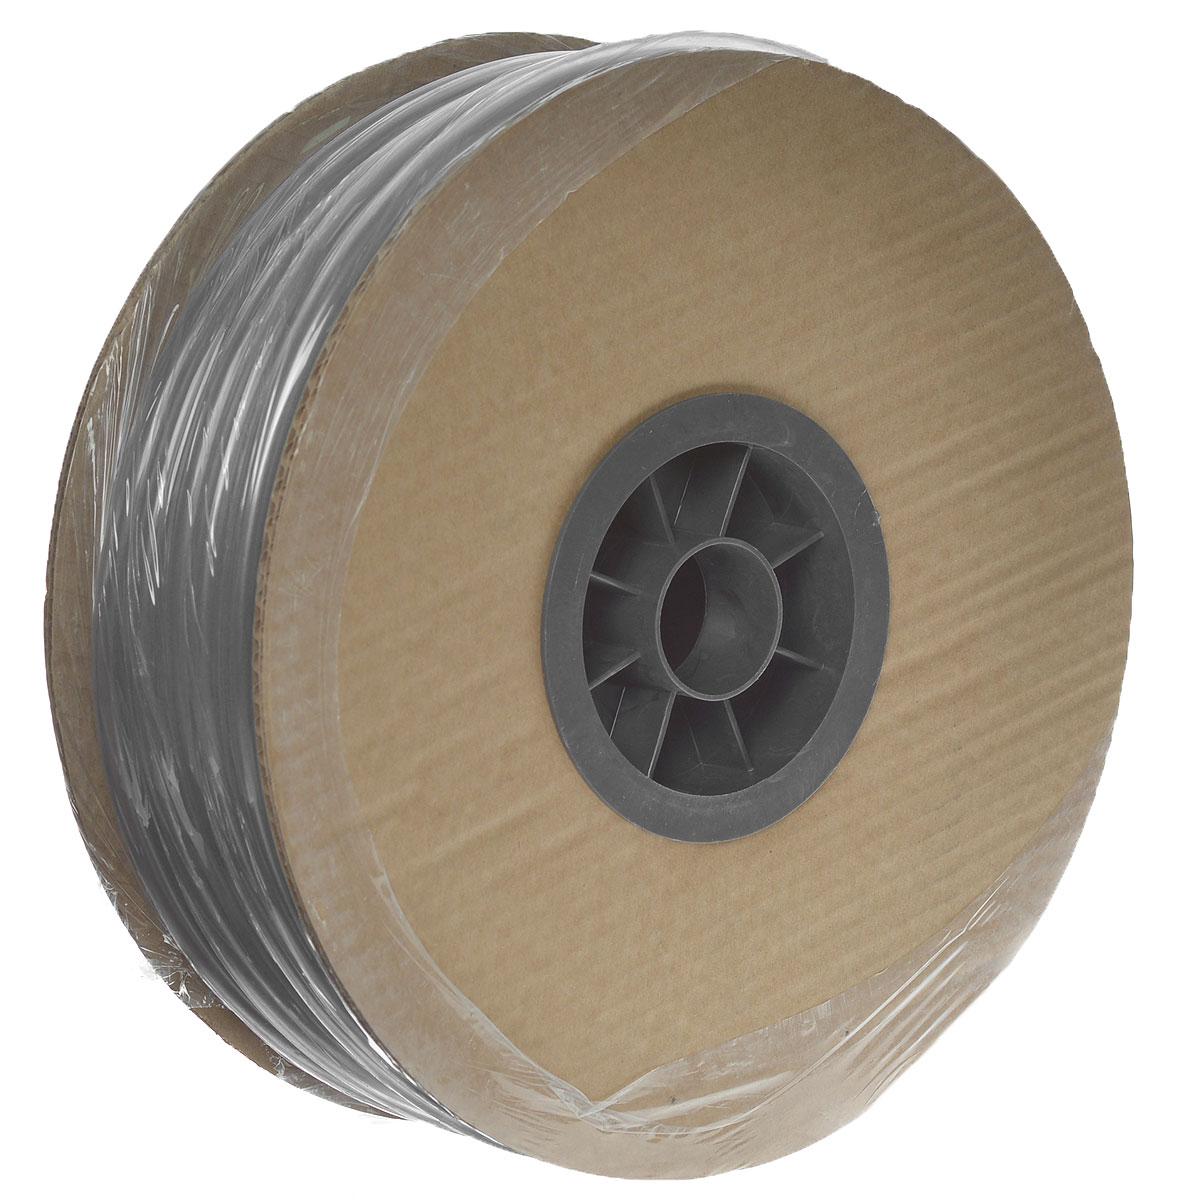 Шланг Кристалл однослойный неармированный 12X16 M.35 (657)9663194Однослойный неармированный шланг пищевого качества Fitt Cristallo Extra изготовлен из прозрачного ПВХ. Шланг предназначен для транспортировки жидкостей без напора в диапазоне температур от -20°С до +60°С. Можно применять для питьевой воды. Для использования без давления. Внешний диаметр шланга: 16 мм. Внутренний диаметр шланга: 12 мм.